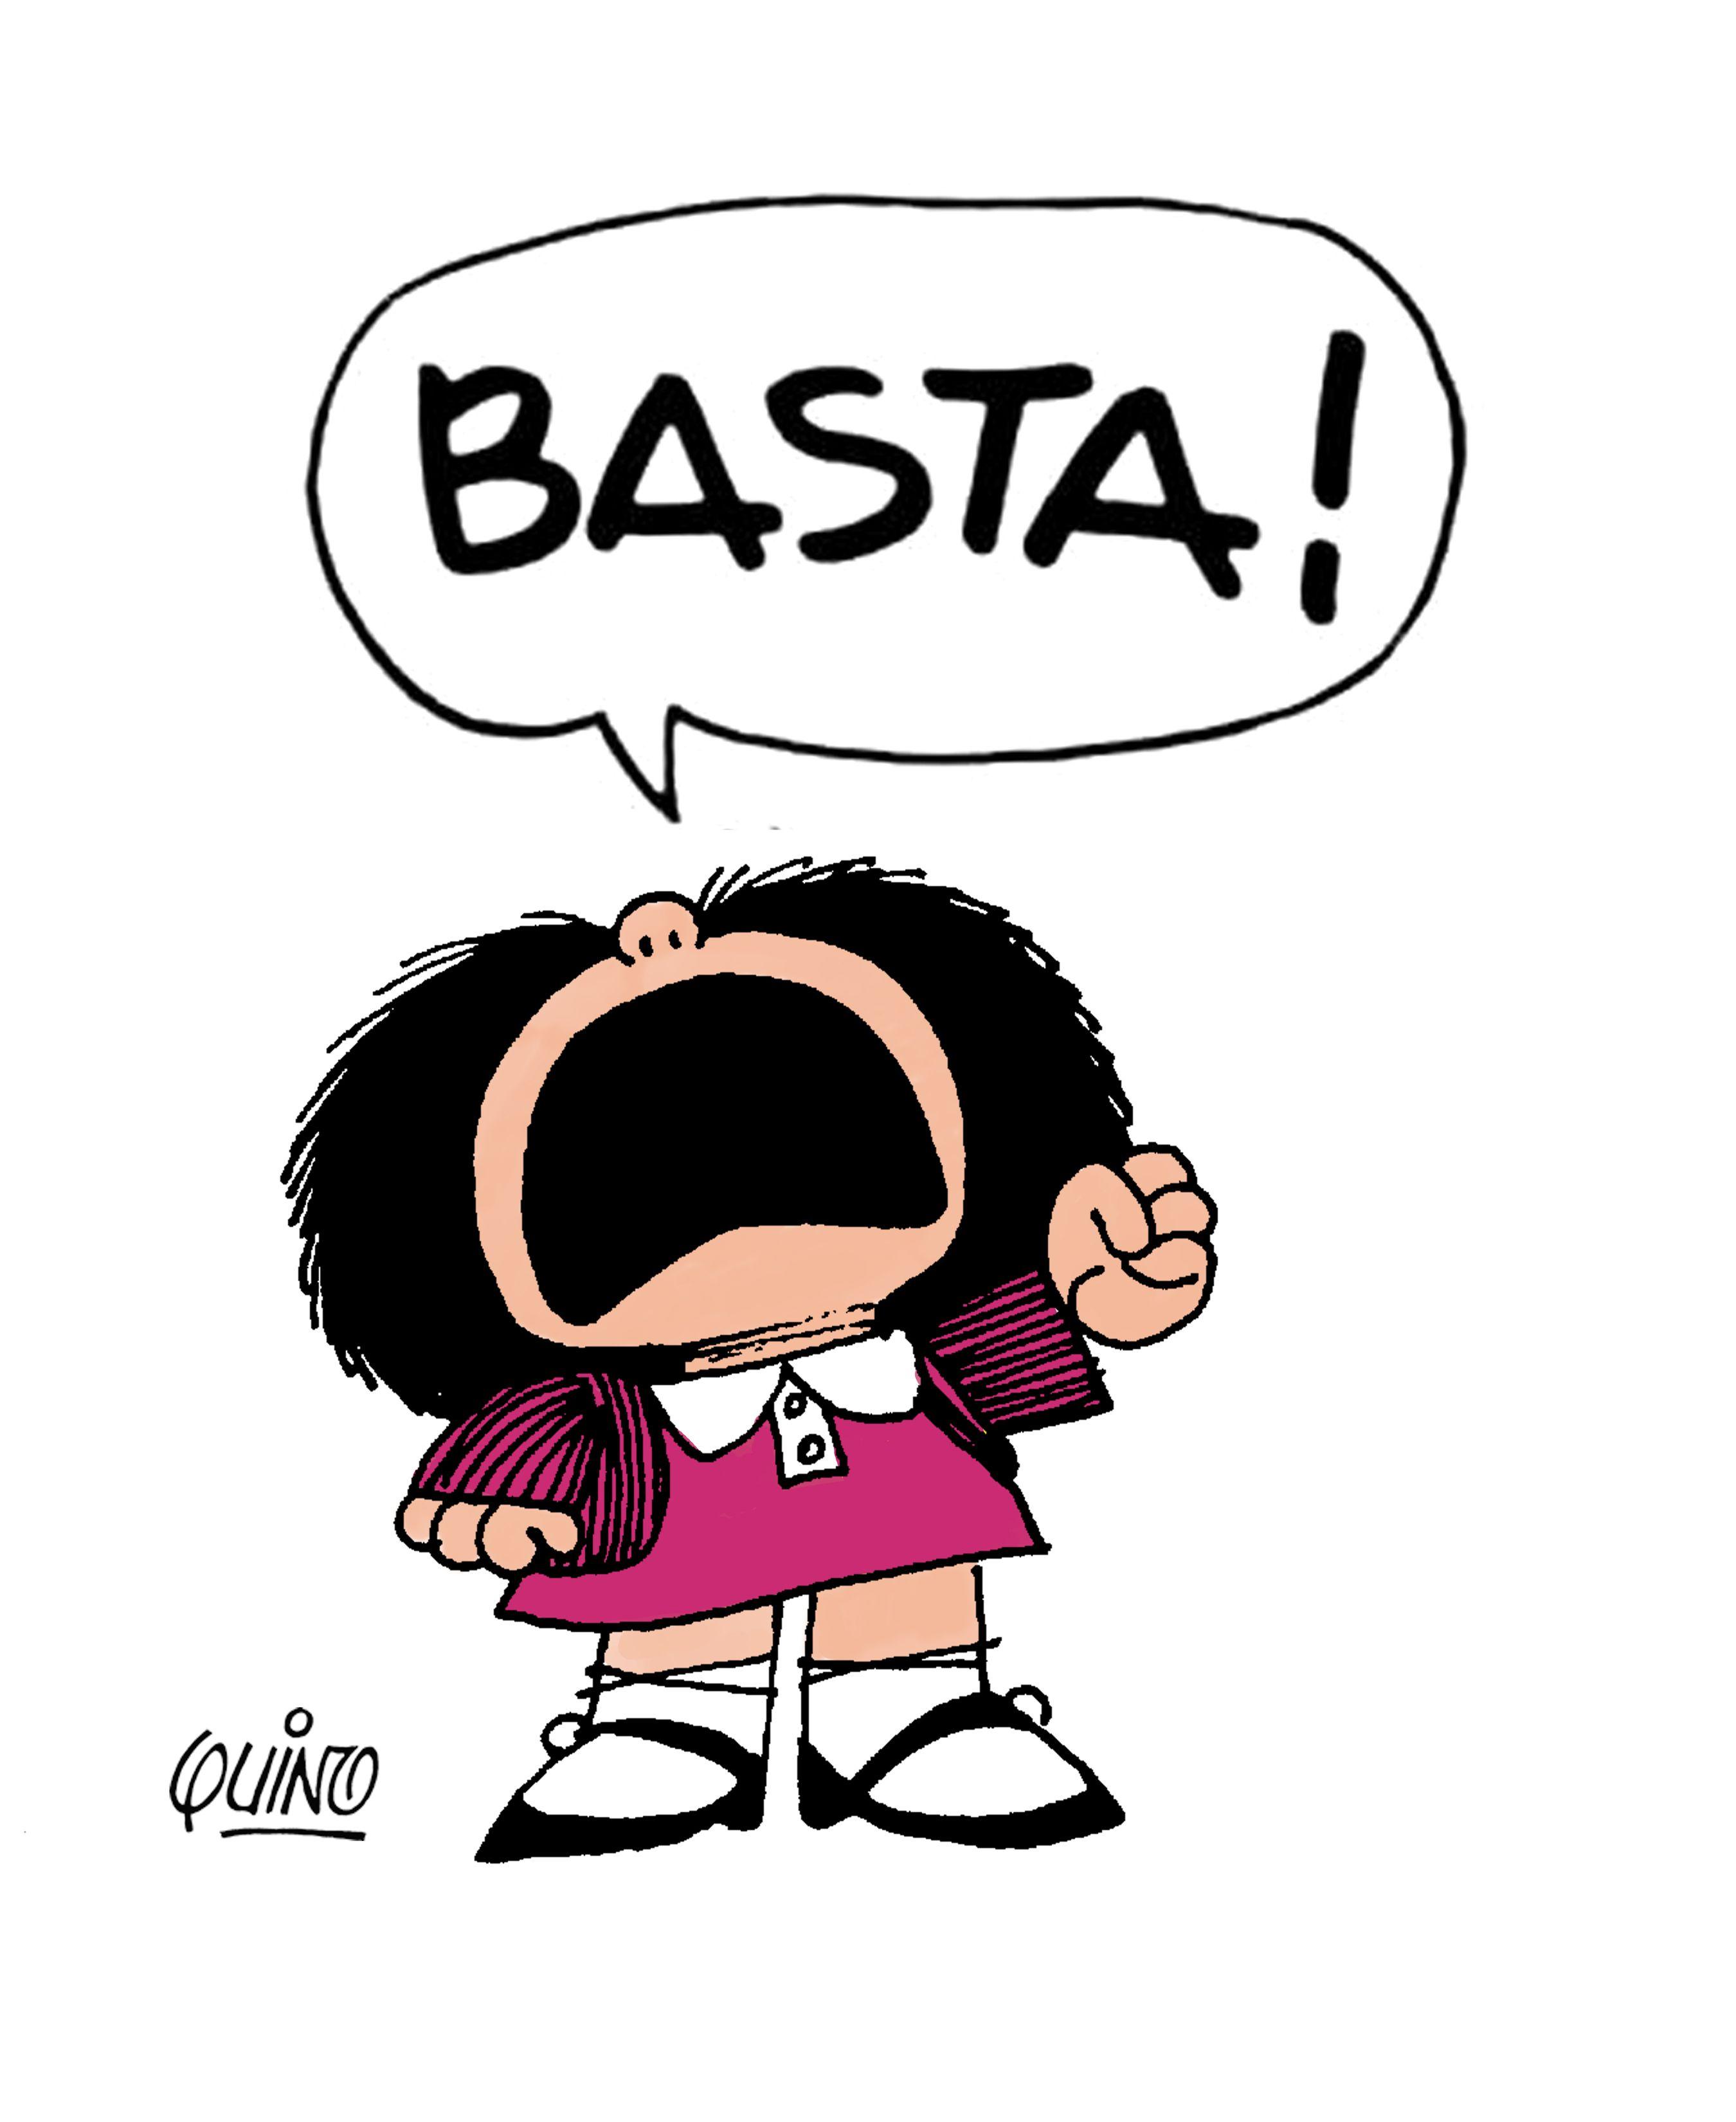 Cartoonista Quino Www Google Com X2f Mafaldinha A Contestataria Faz Hoje 45 Anos Sempre Jovem Sempre Actual Sem Frases Engracadas Frases Debochada Frases